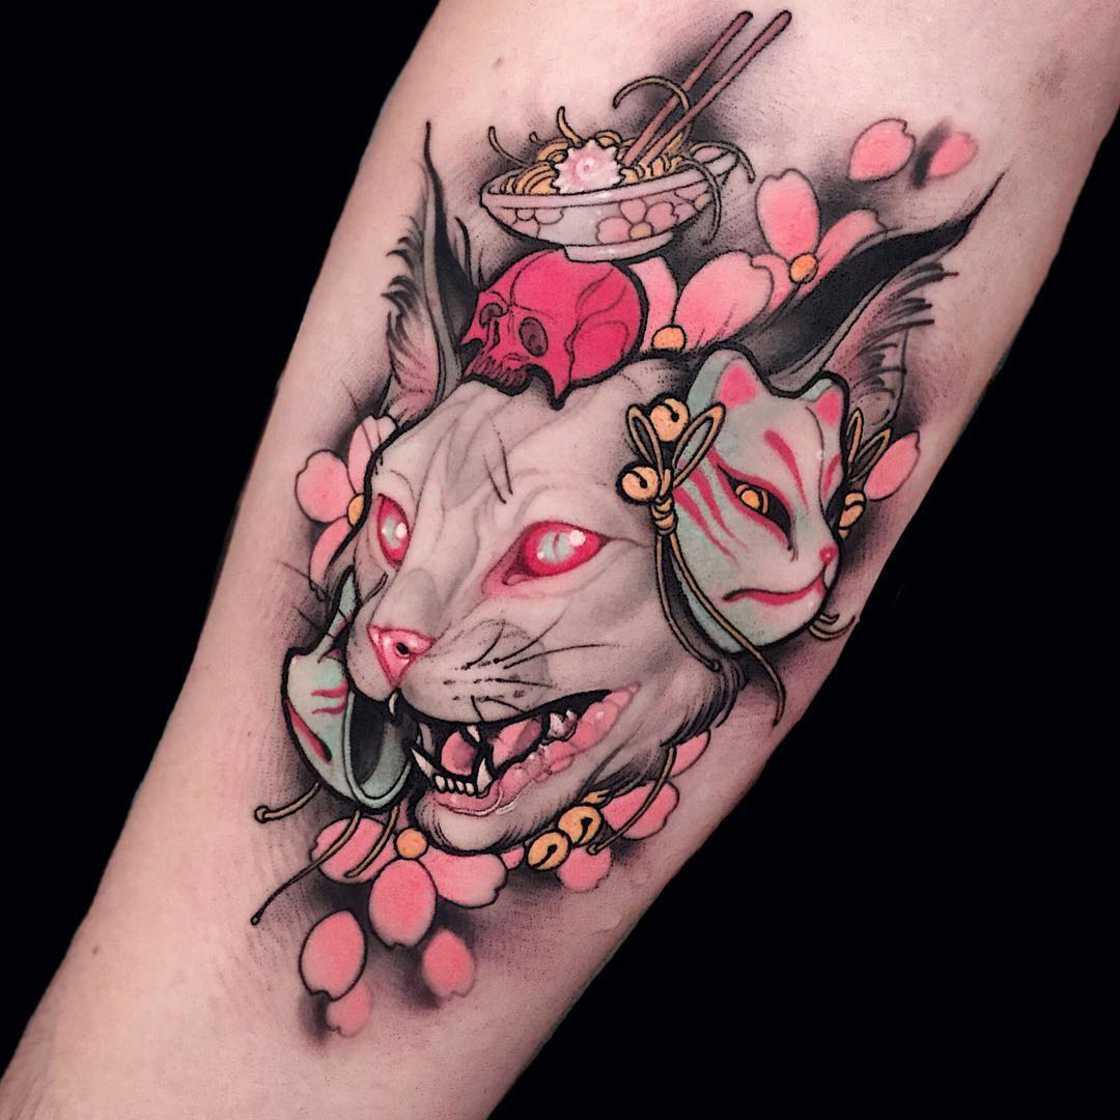 brando-chiesa-tattoo-9.jpg